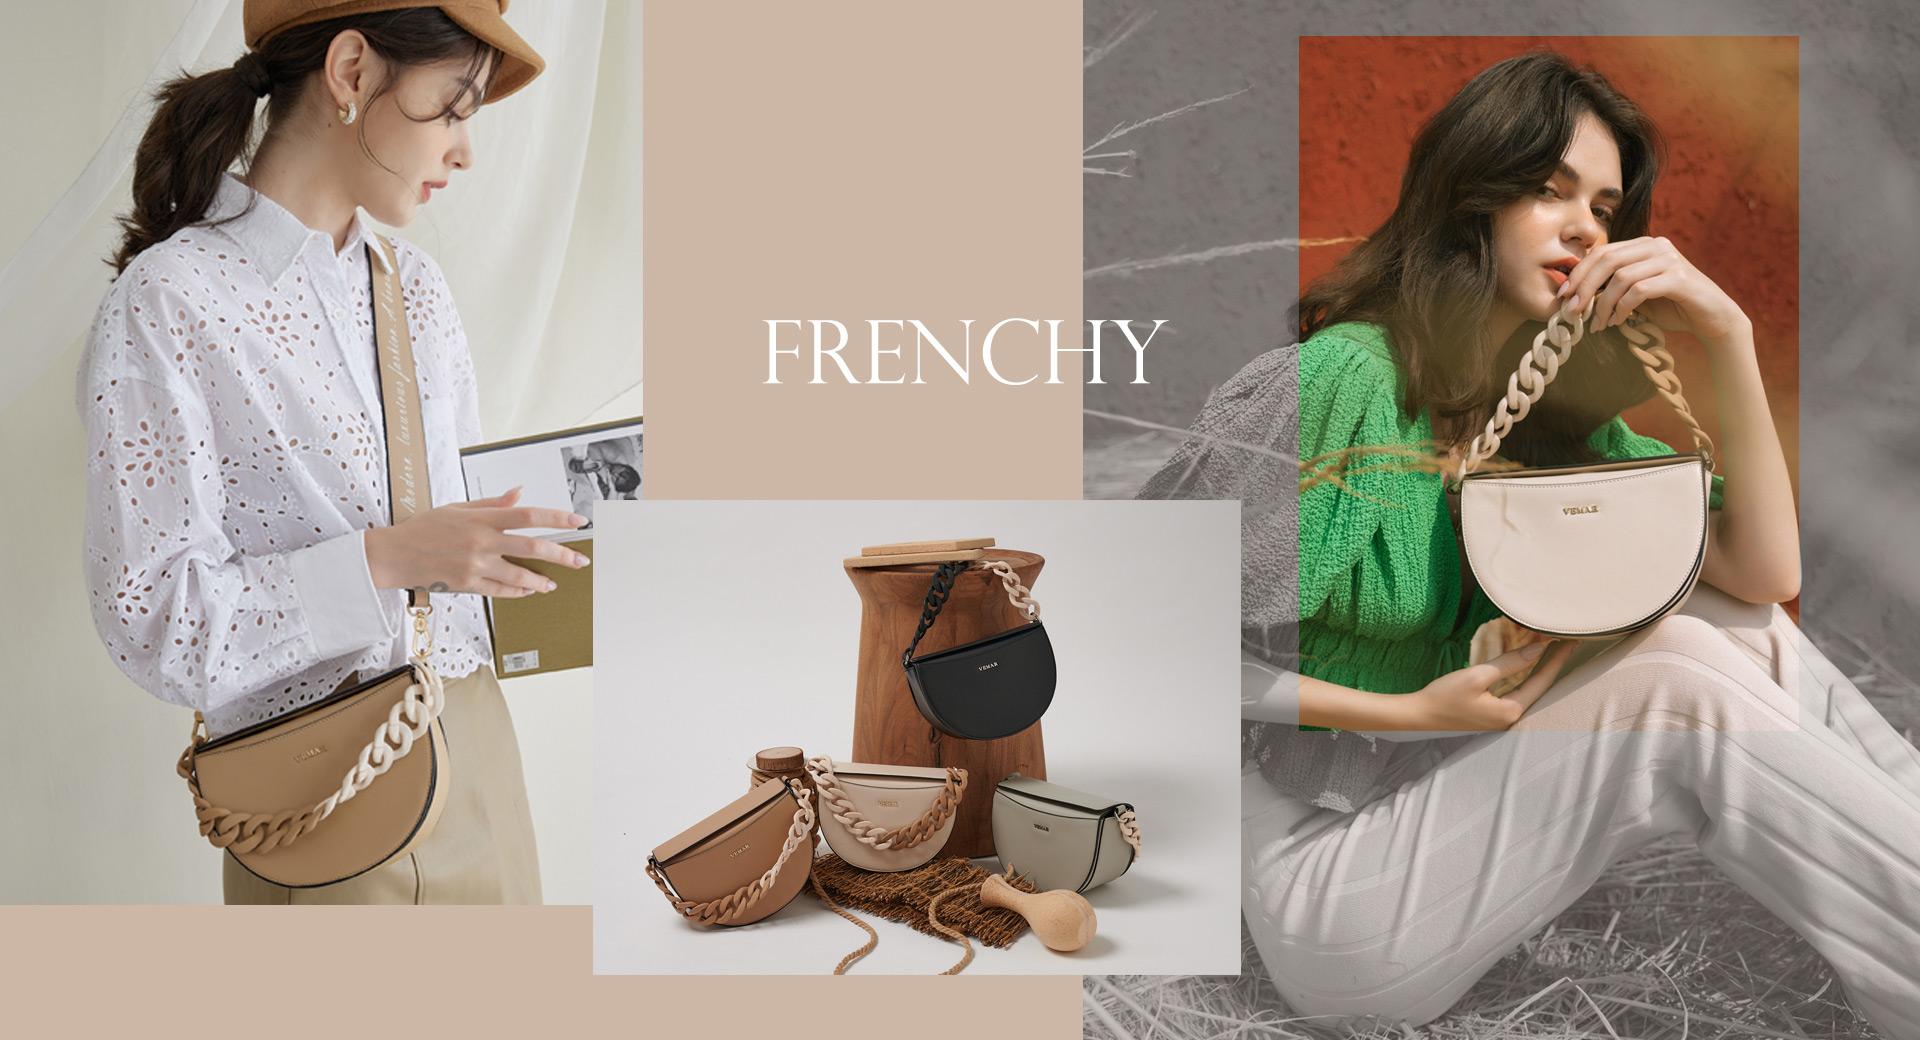 VEMAR, 馬鞍包, 秋冬包款, 寬背帶, 側背包, 手提包